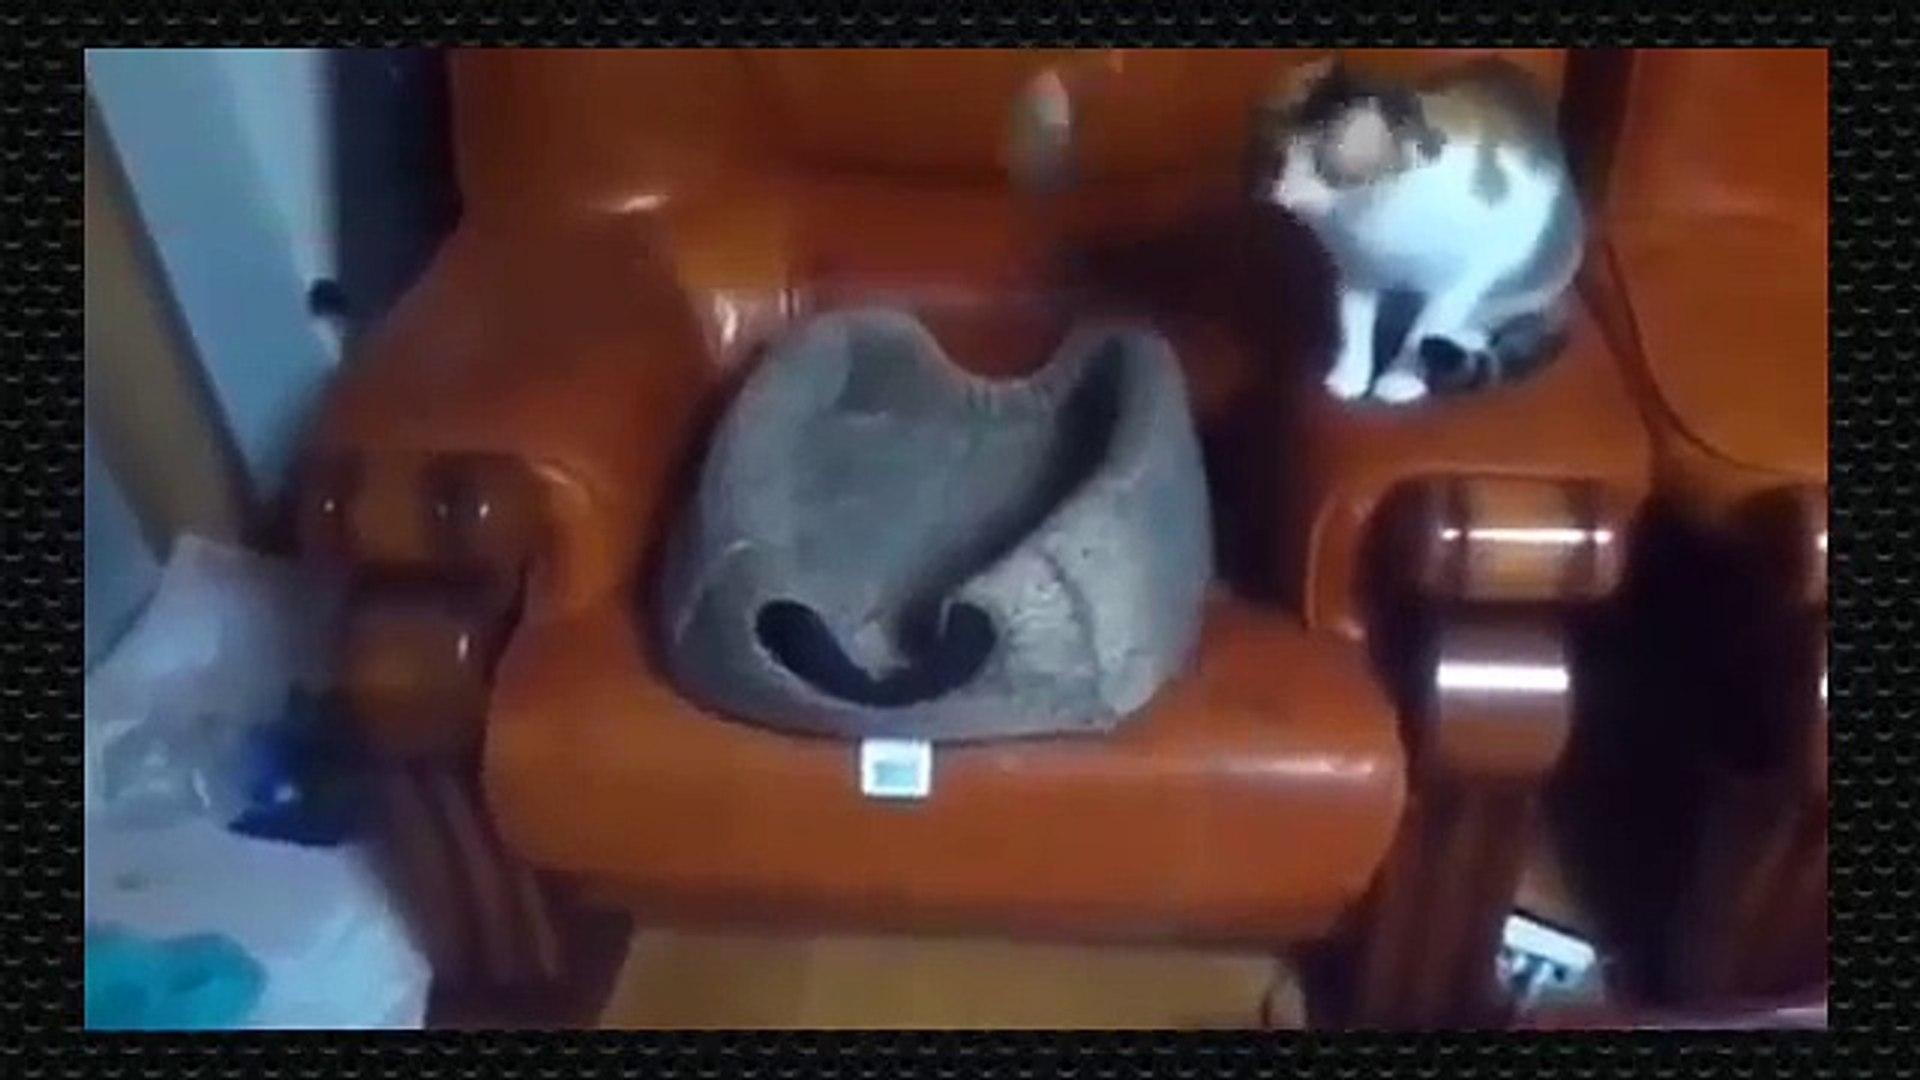 Live Pets funny pics. Pets funny pet videos